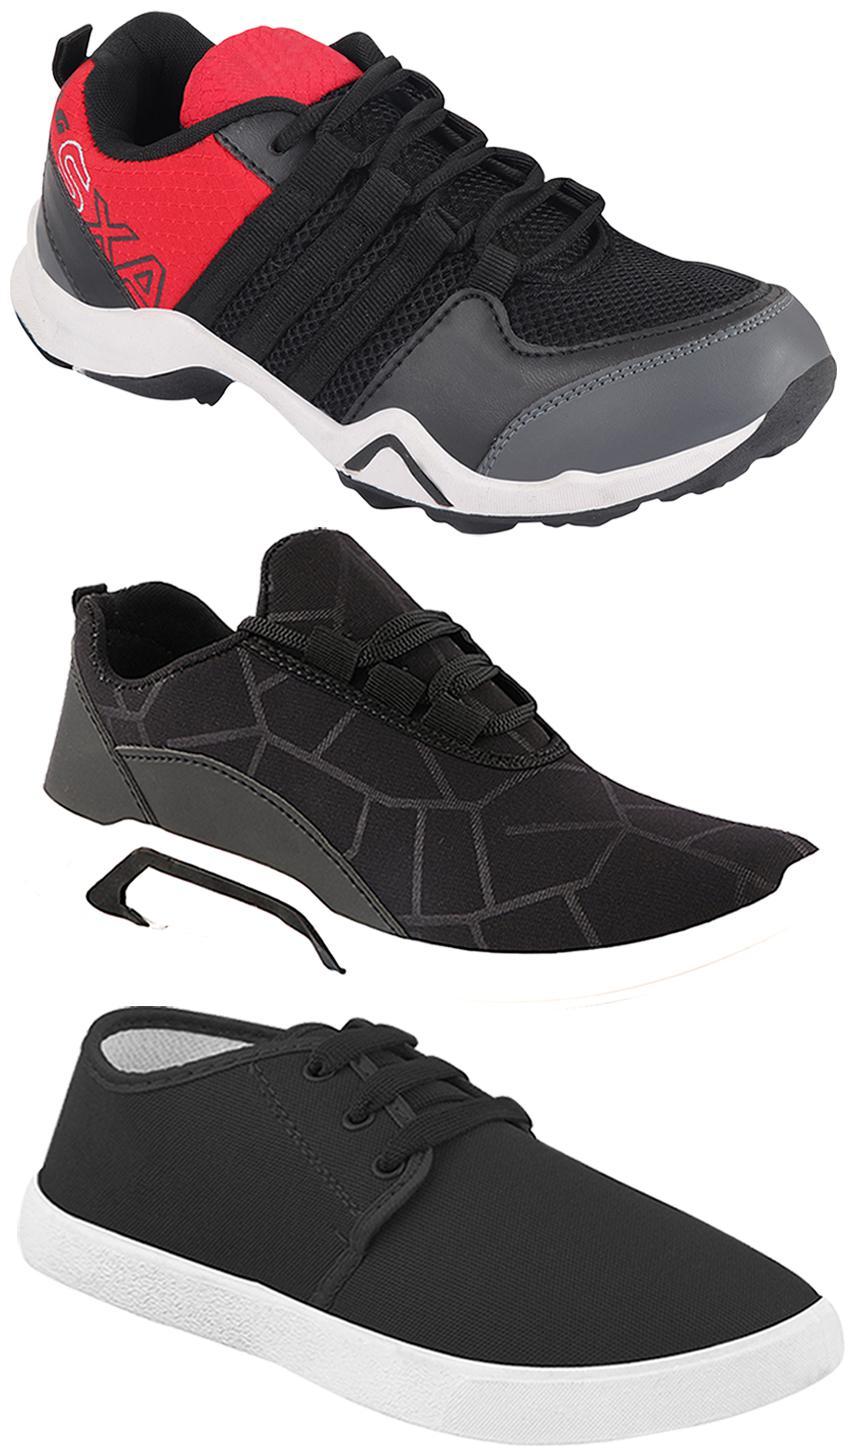 Birde Men Multi-Color Casual Shoes - BRD-300-BLK-349 AX-2